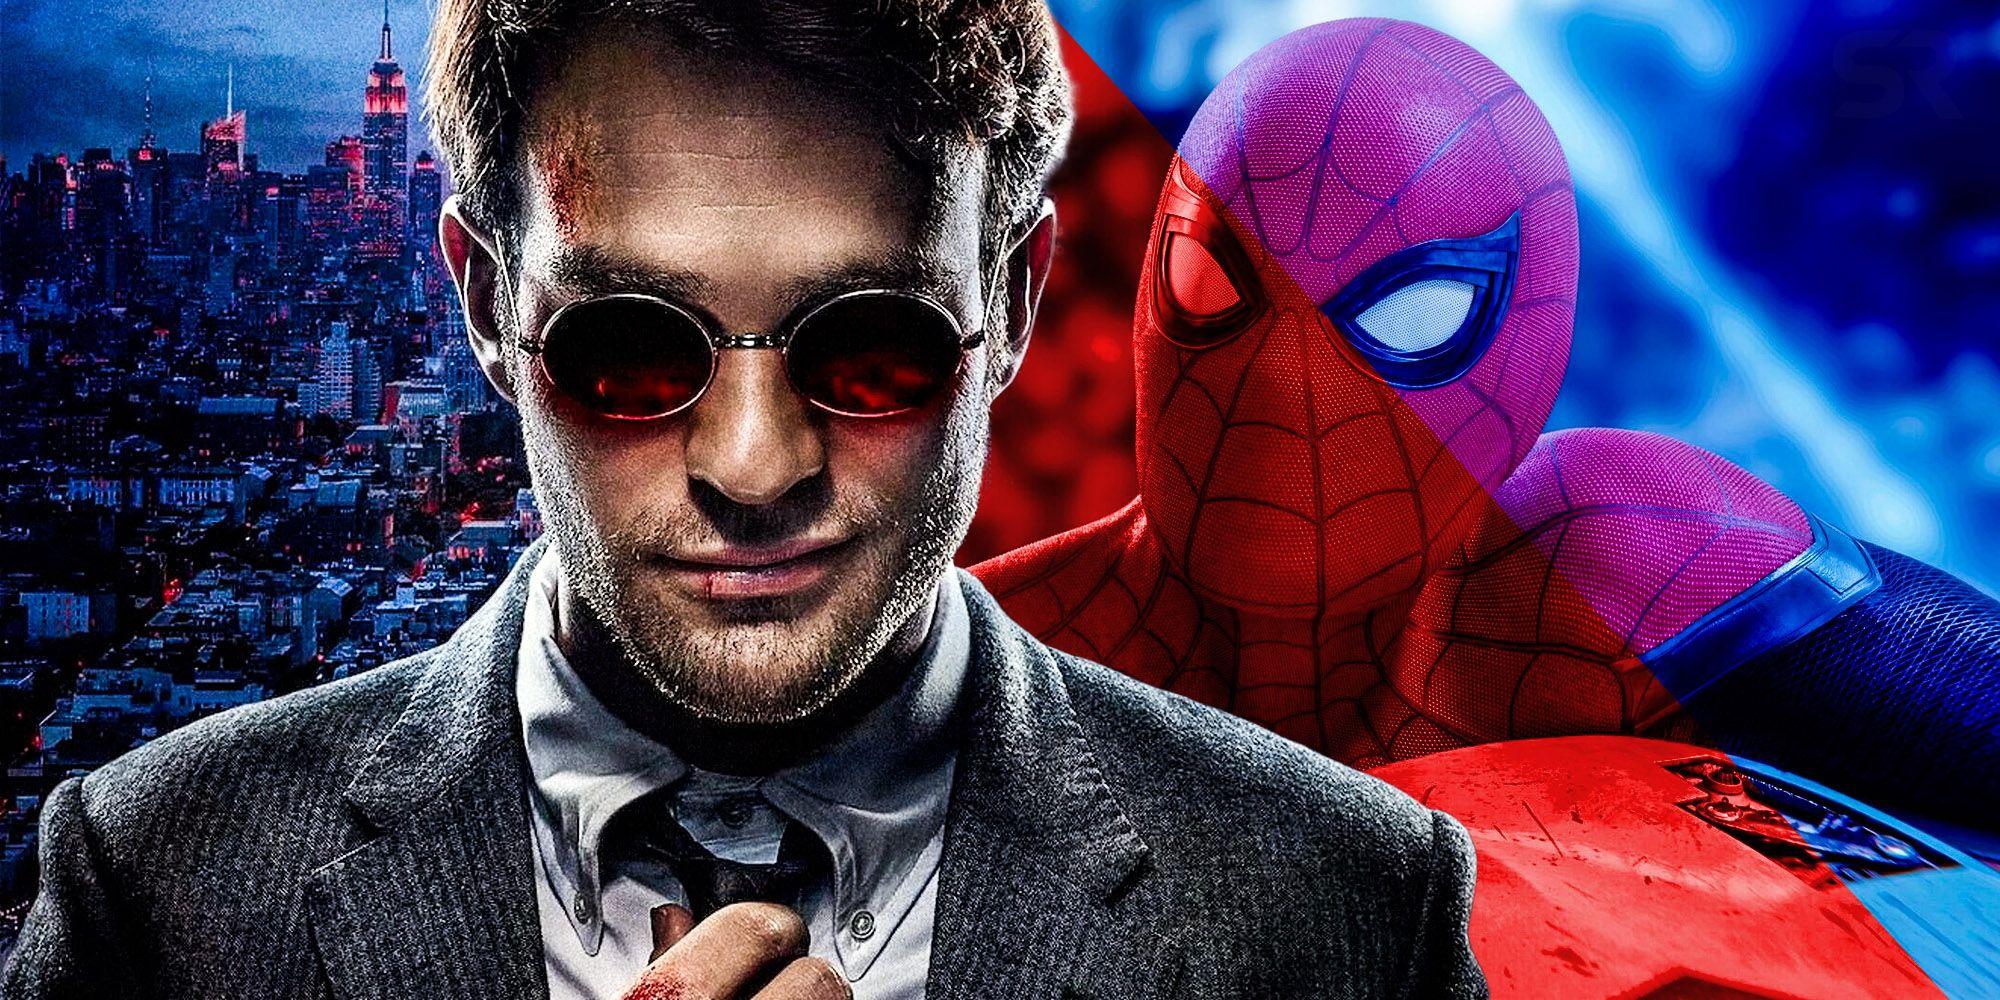 Утечка сюжета раскрыла смерть героя в «Человеке-пауке 3: Нет пути домой»